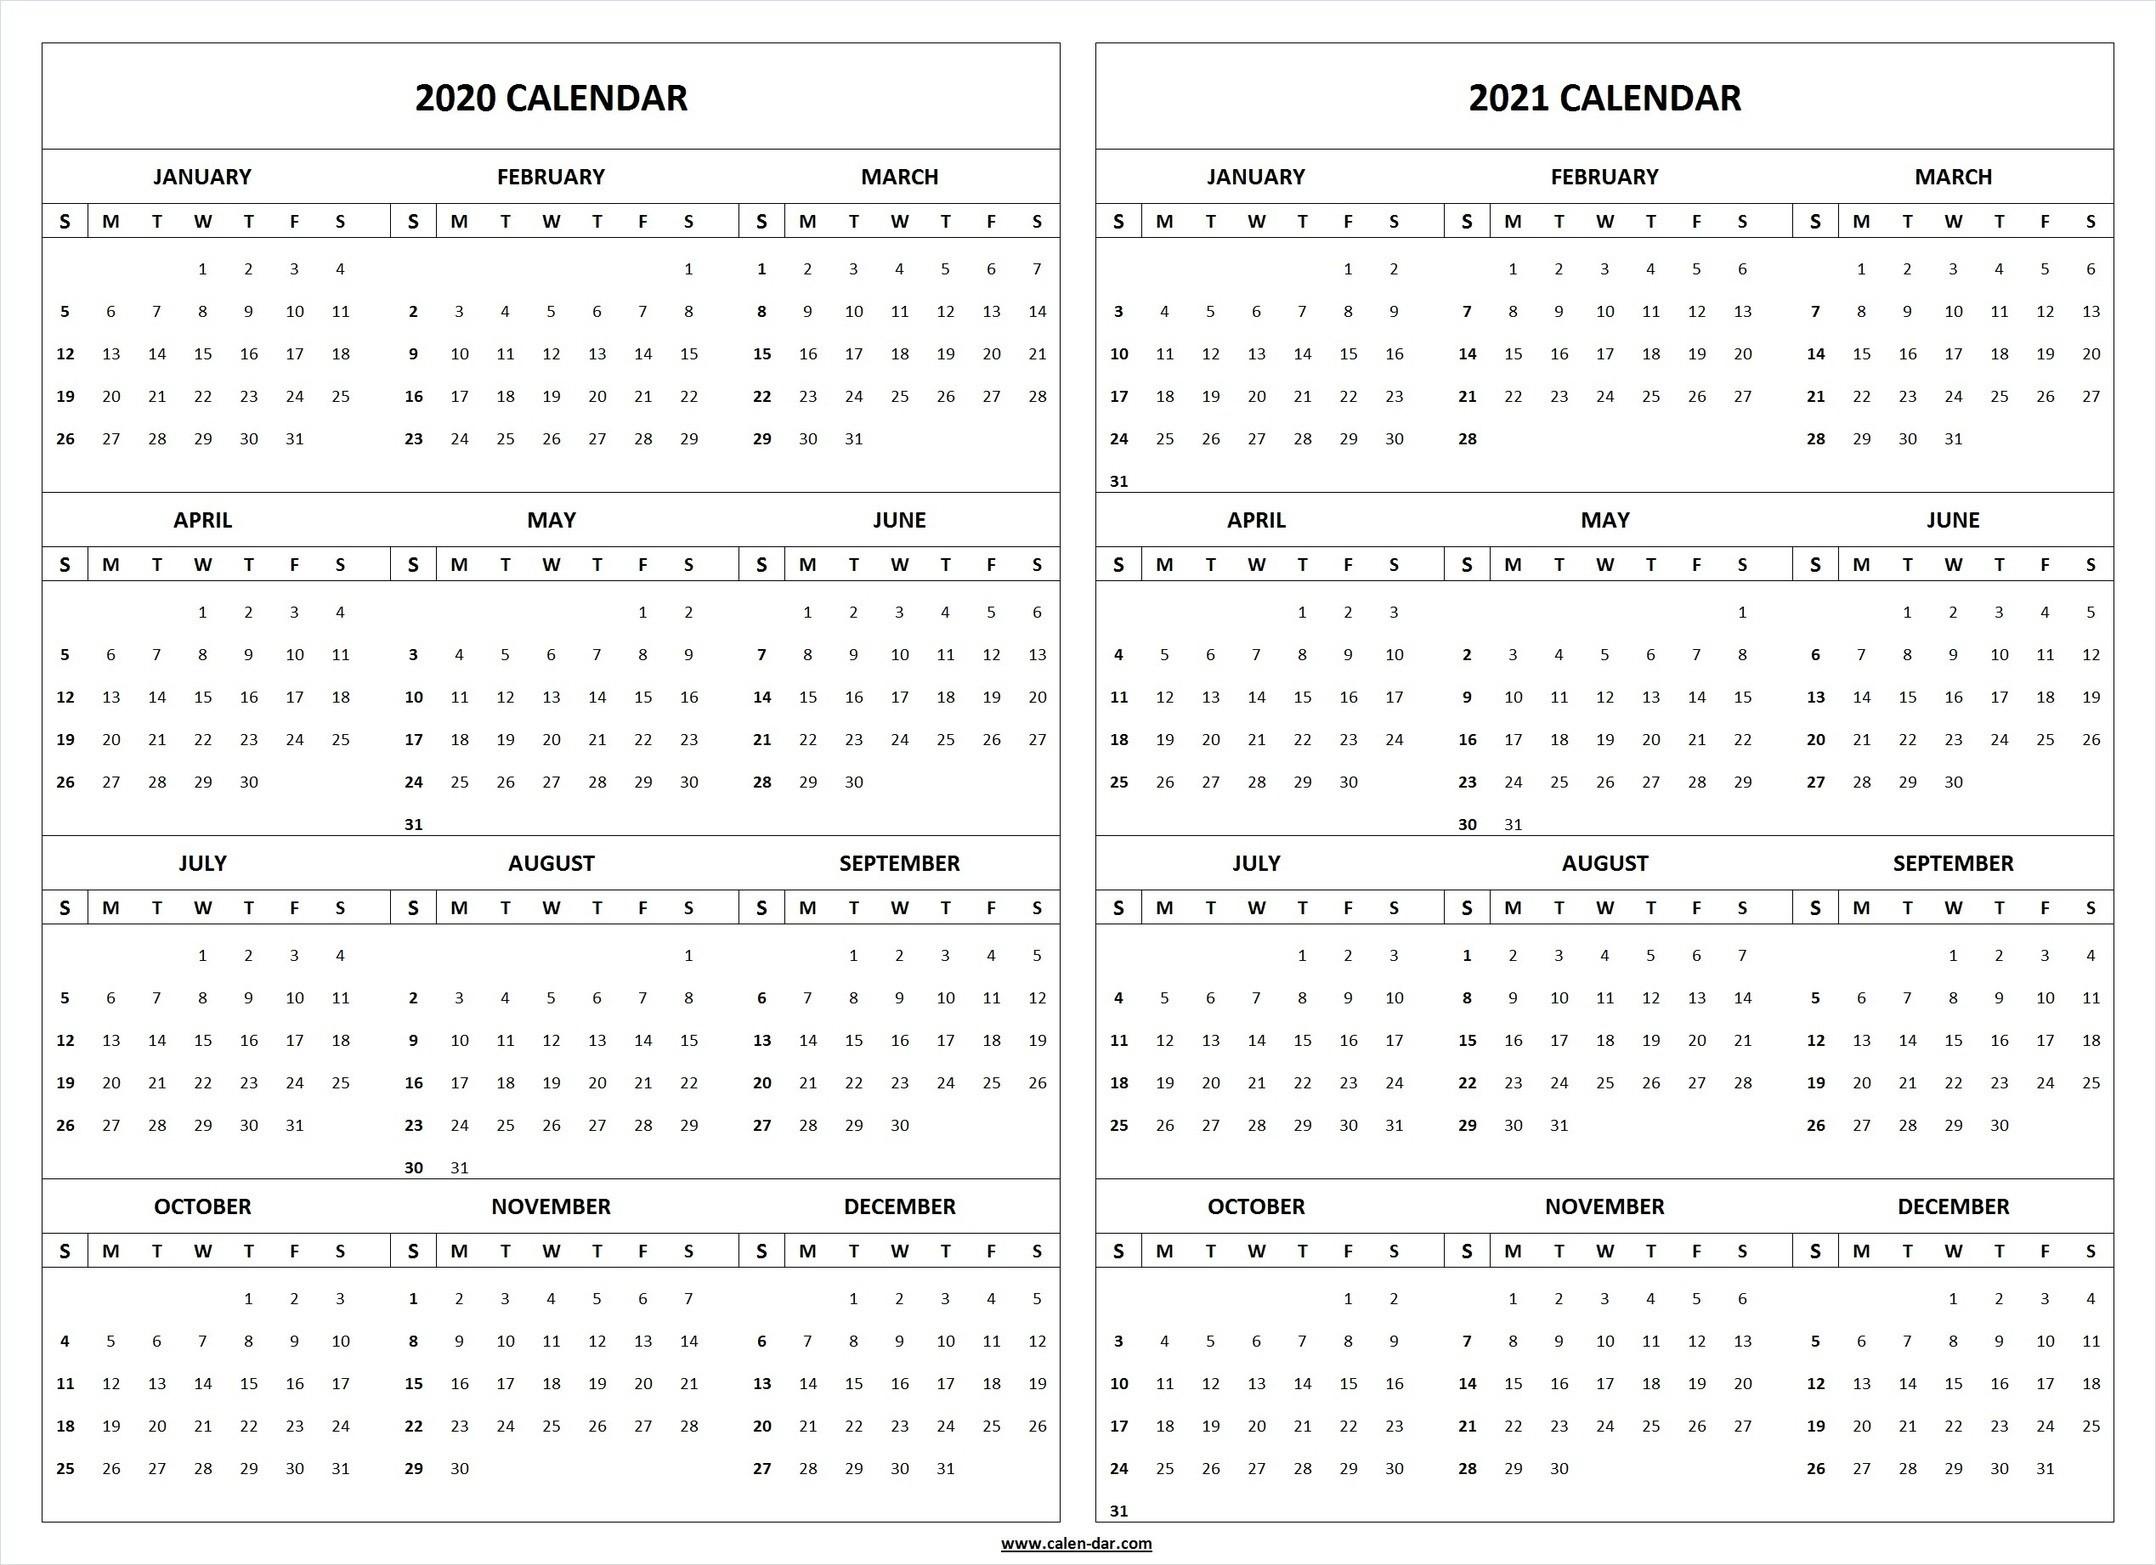 Calendario Noviembre 2019 Argentina Para Imprimir Más Arriba-a-fecha 2020 2021 Calendar Printable Template Of Calendario Noviembre 2019 Argentina Para Imprimir Más Actual Custom Editable Free Printable 2019 Calendars